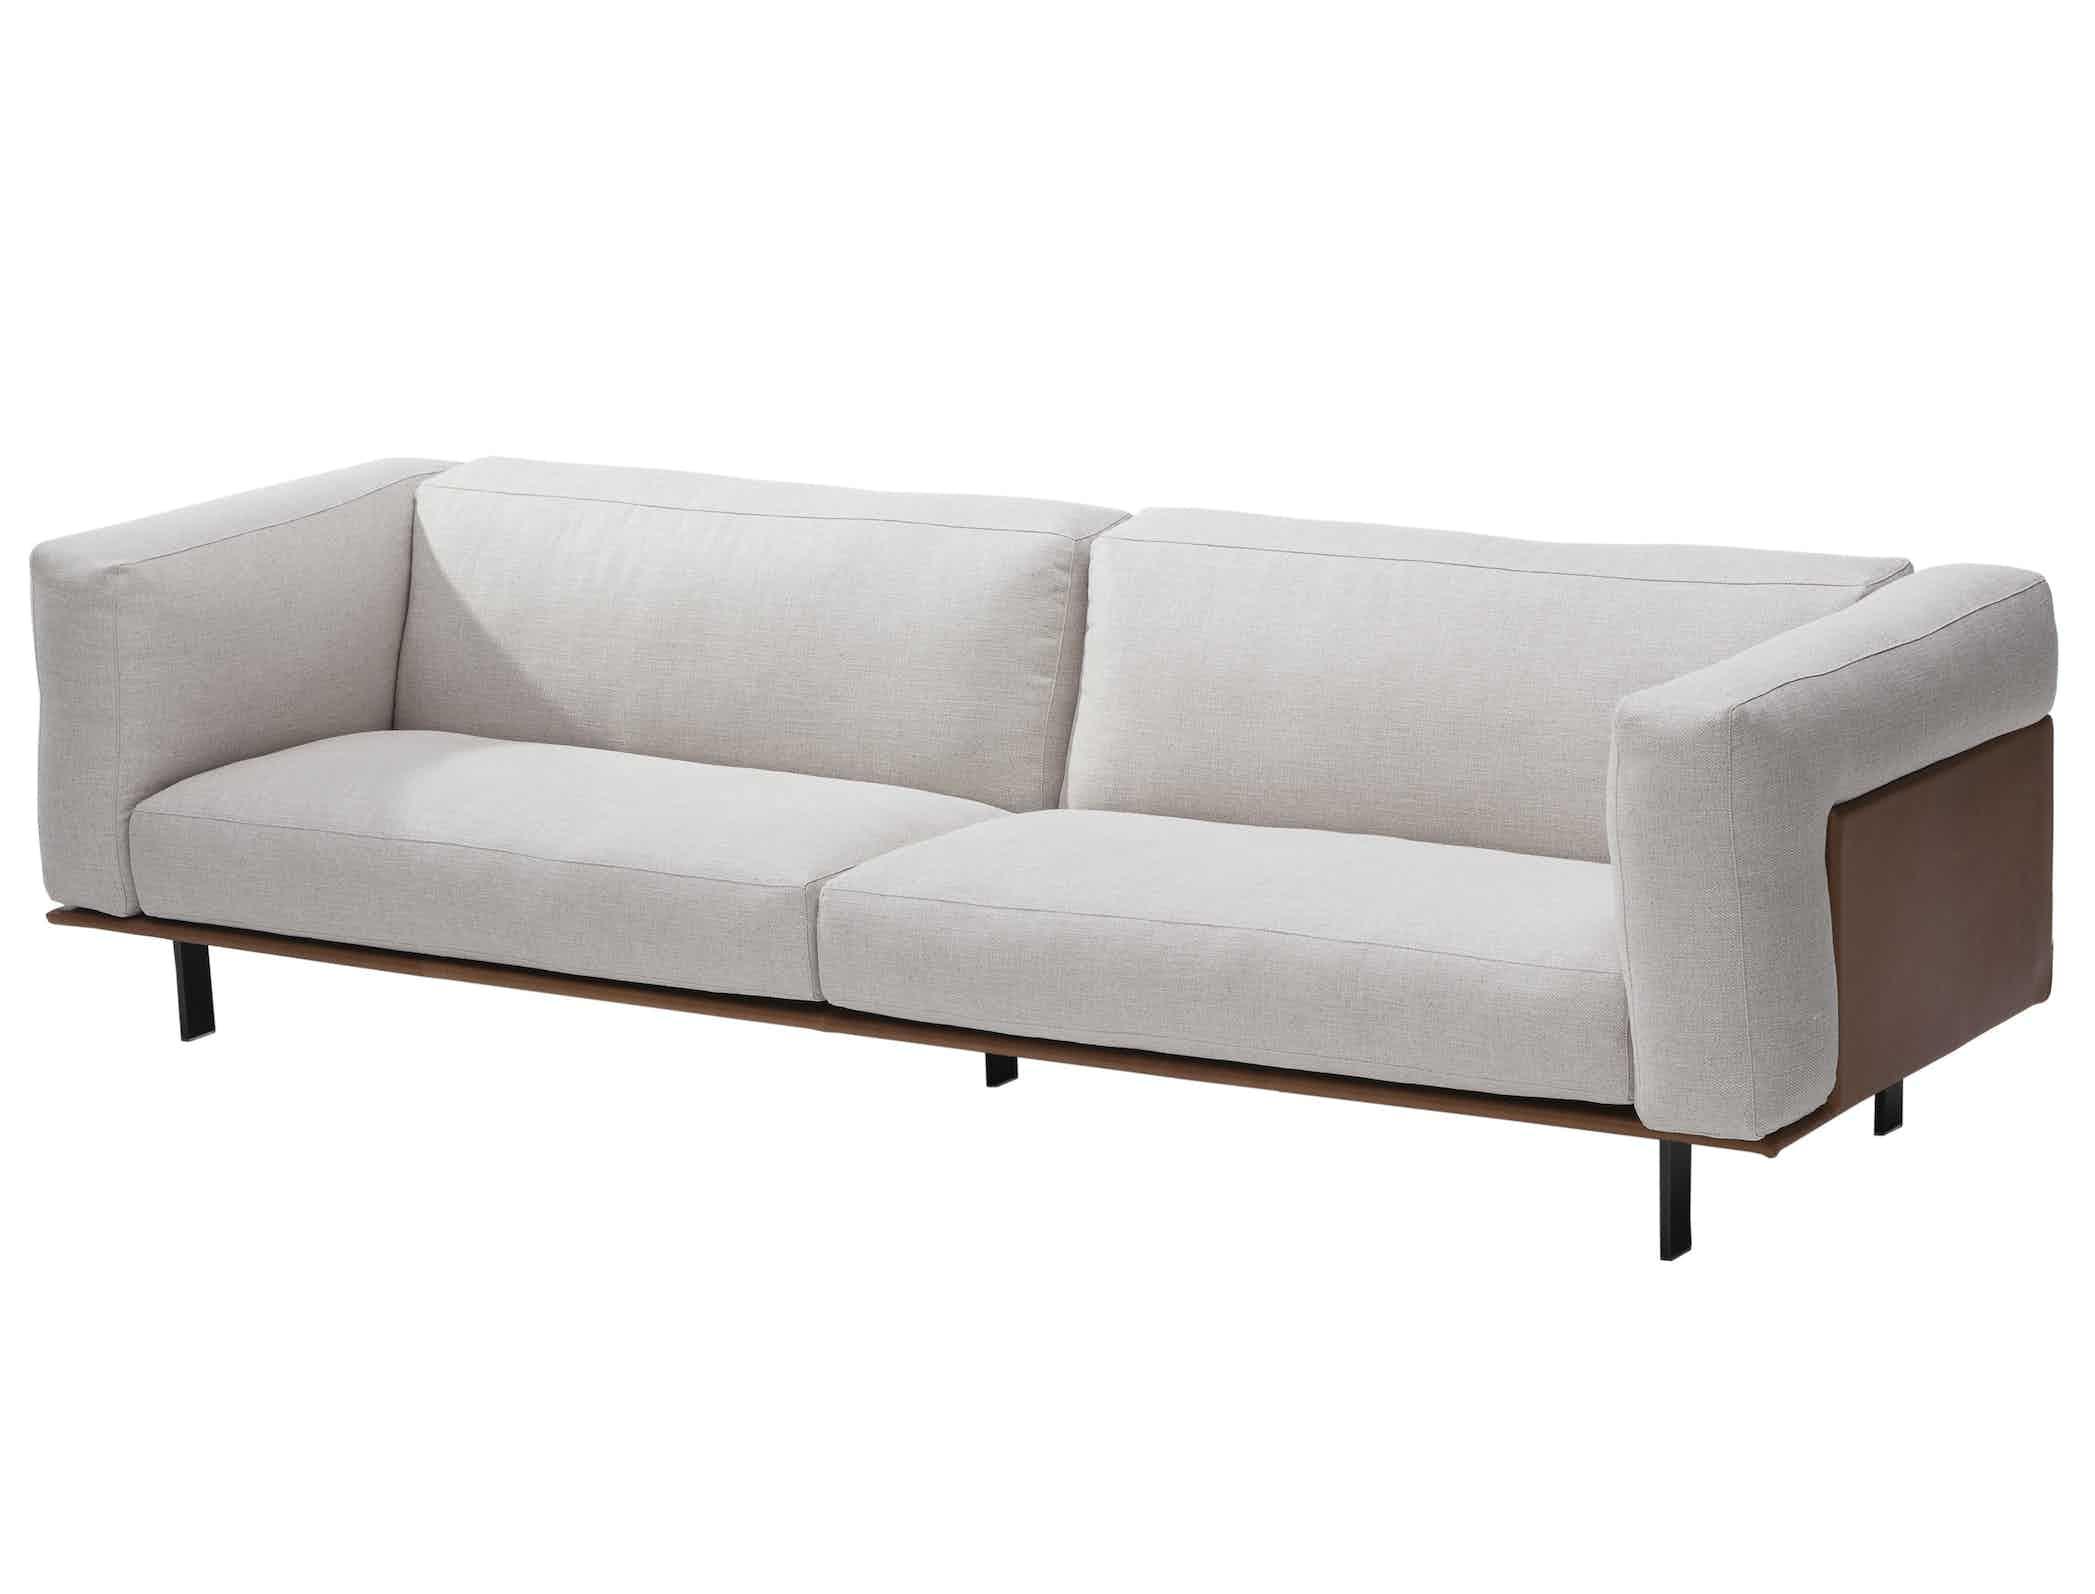 Linteloo-angle-recess-sofa-haute-living